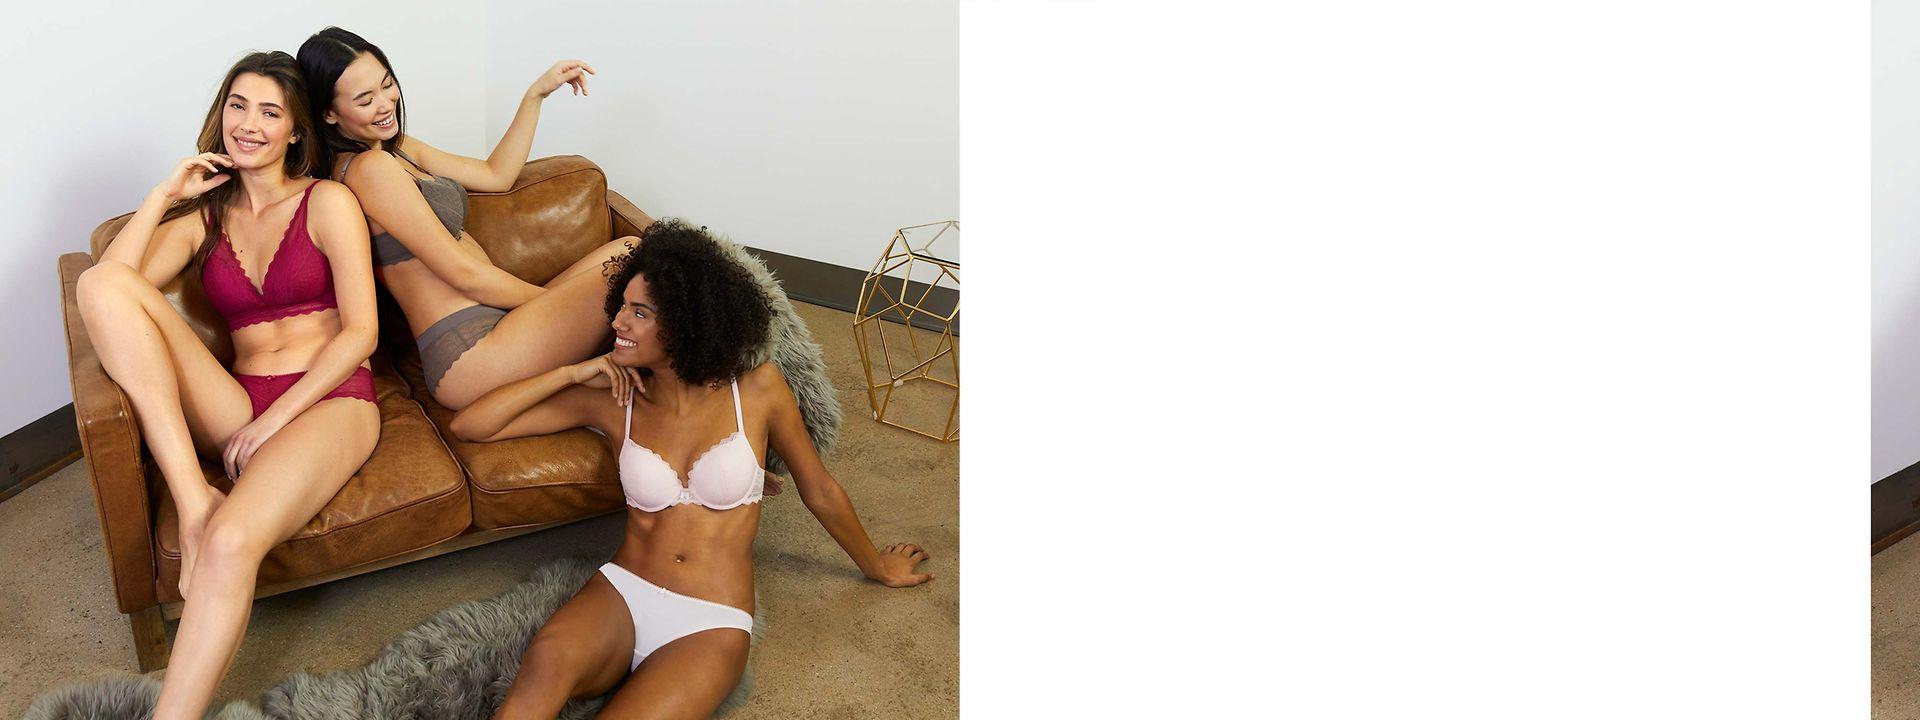 222021 - women - startpage - main banner - underwear - IMG